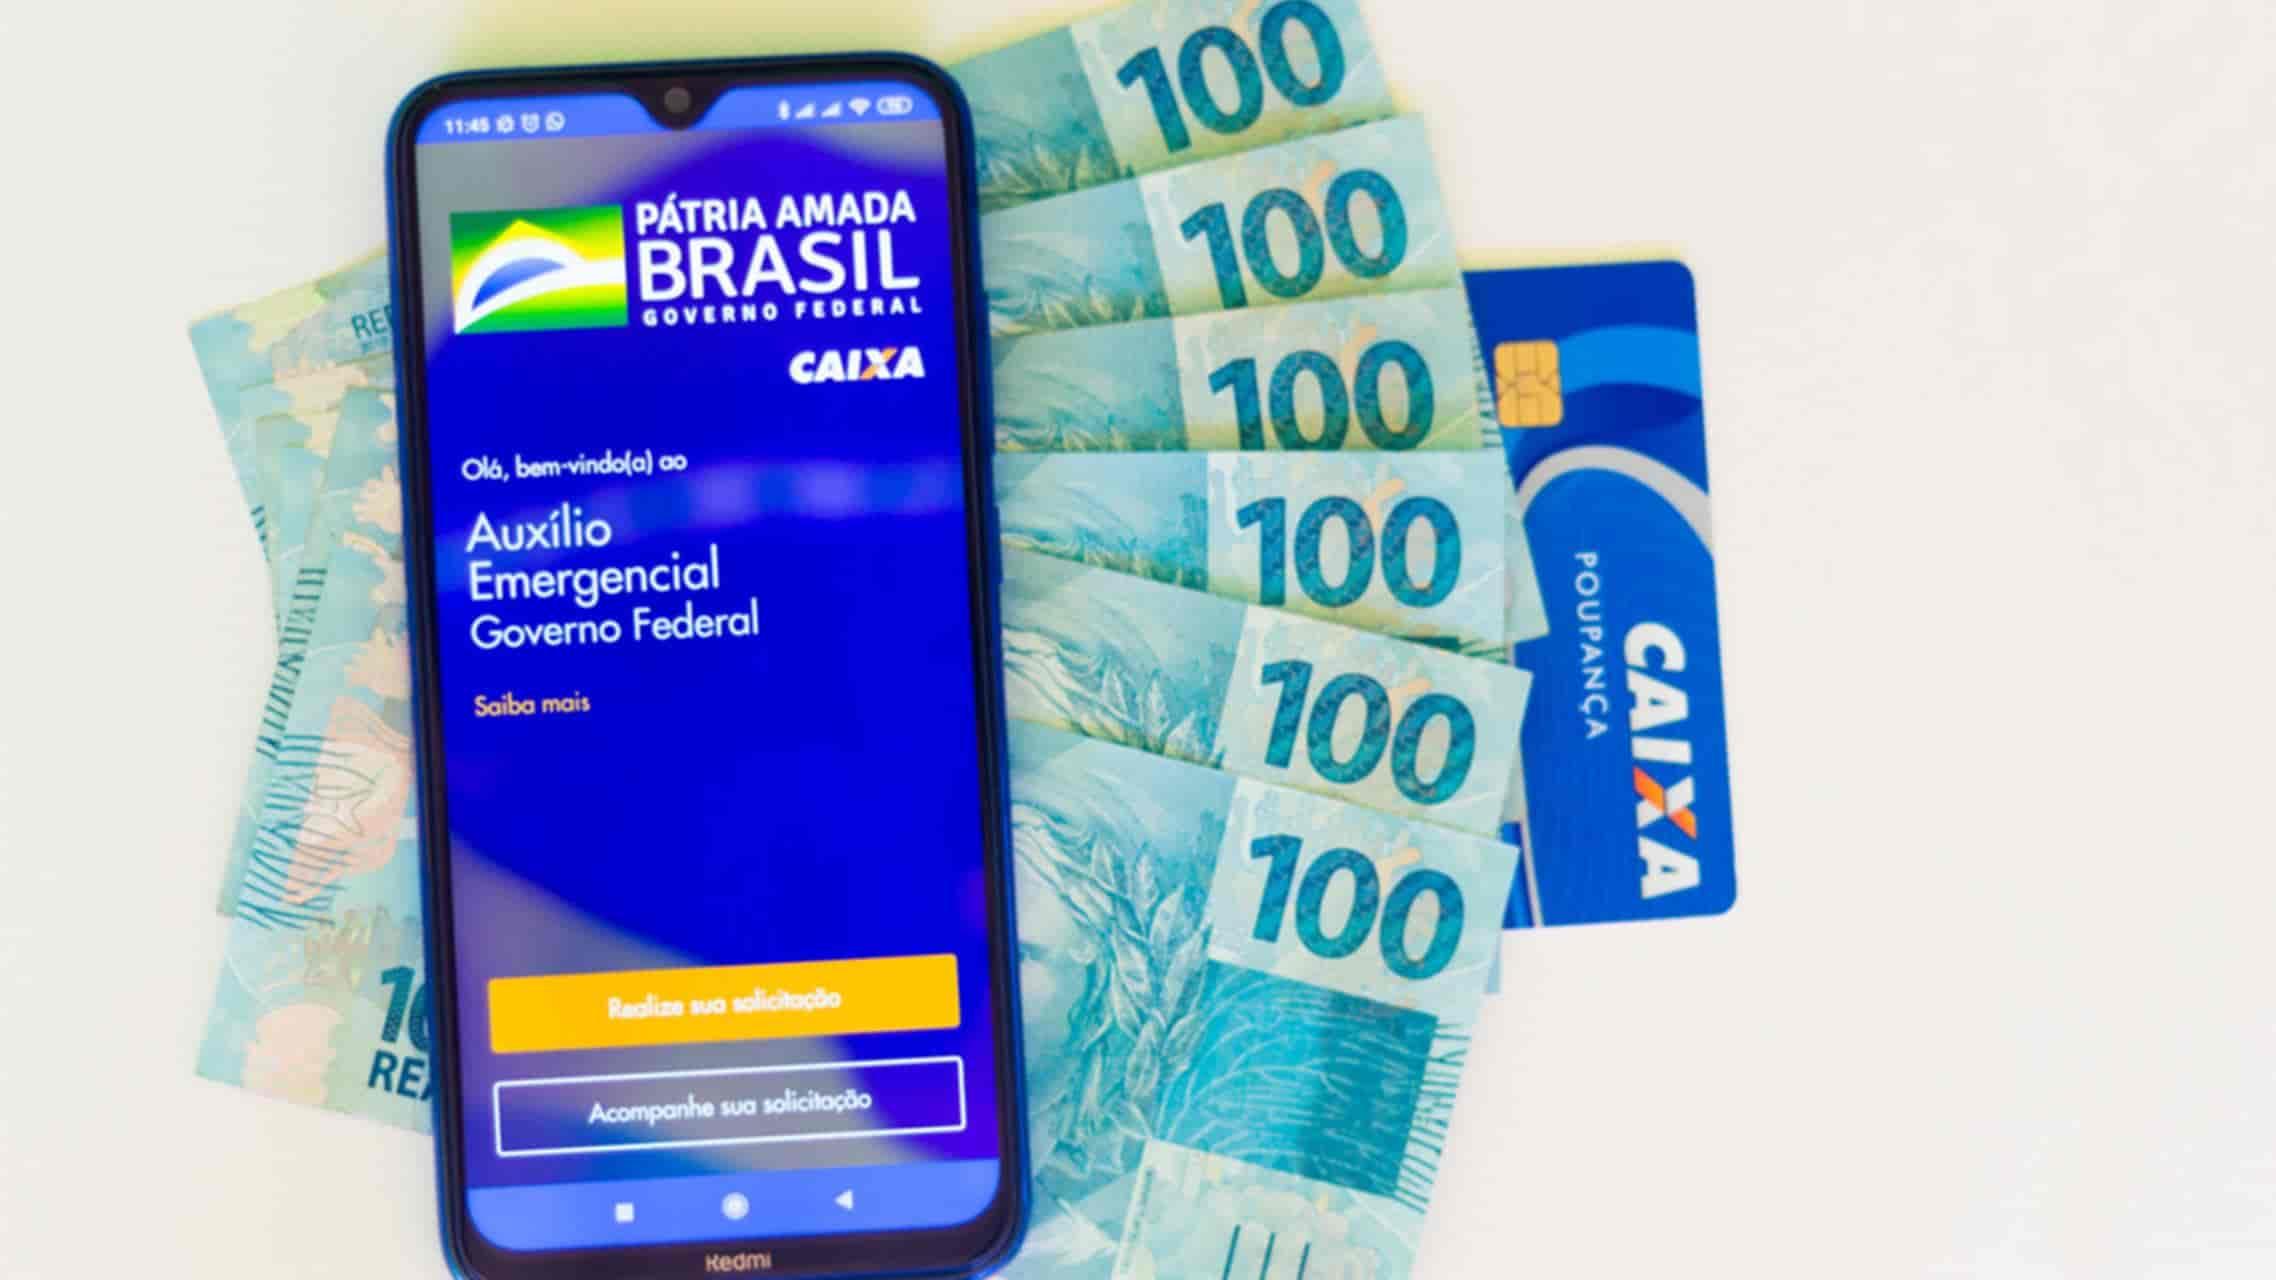 FIM do auxílio emergencial impacta na renda de MILHÕES de brasileiros; saiba como lidar!